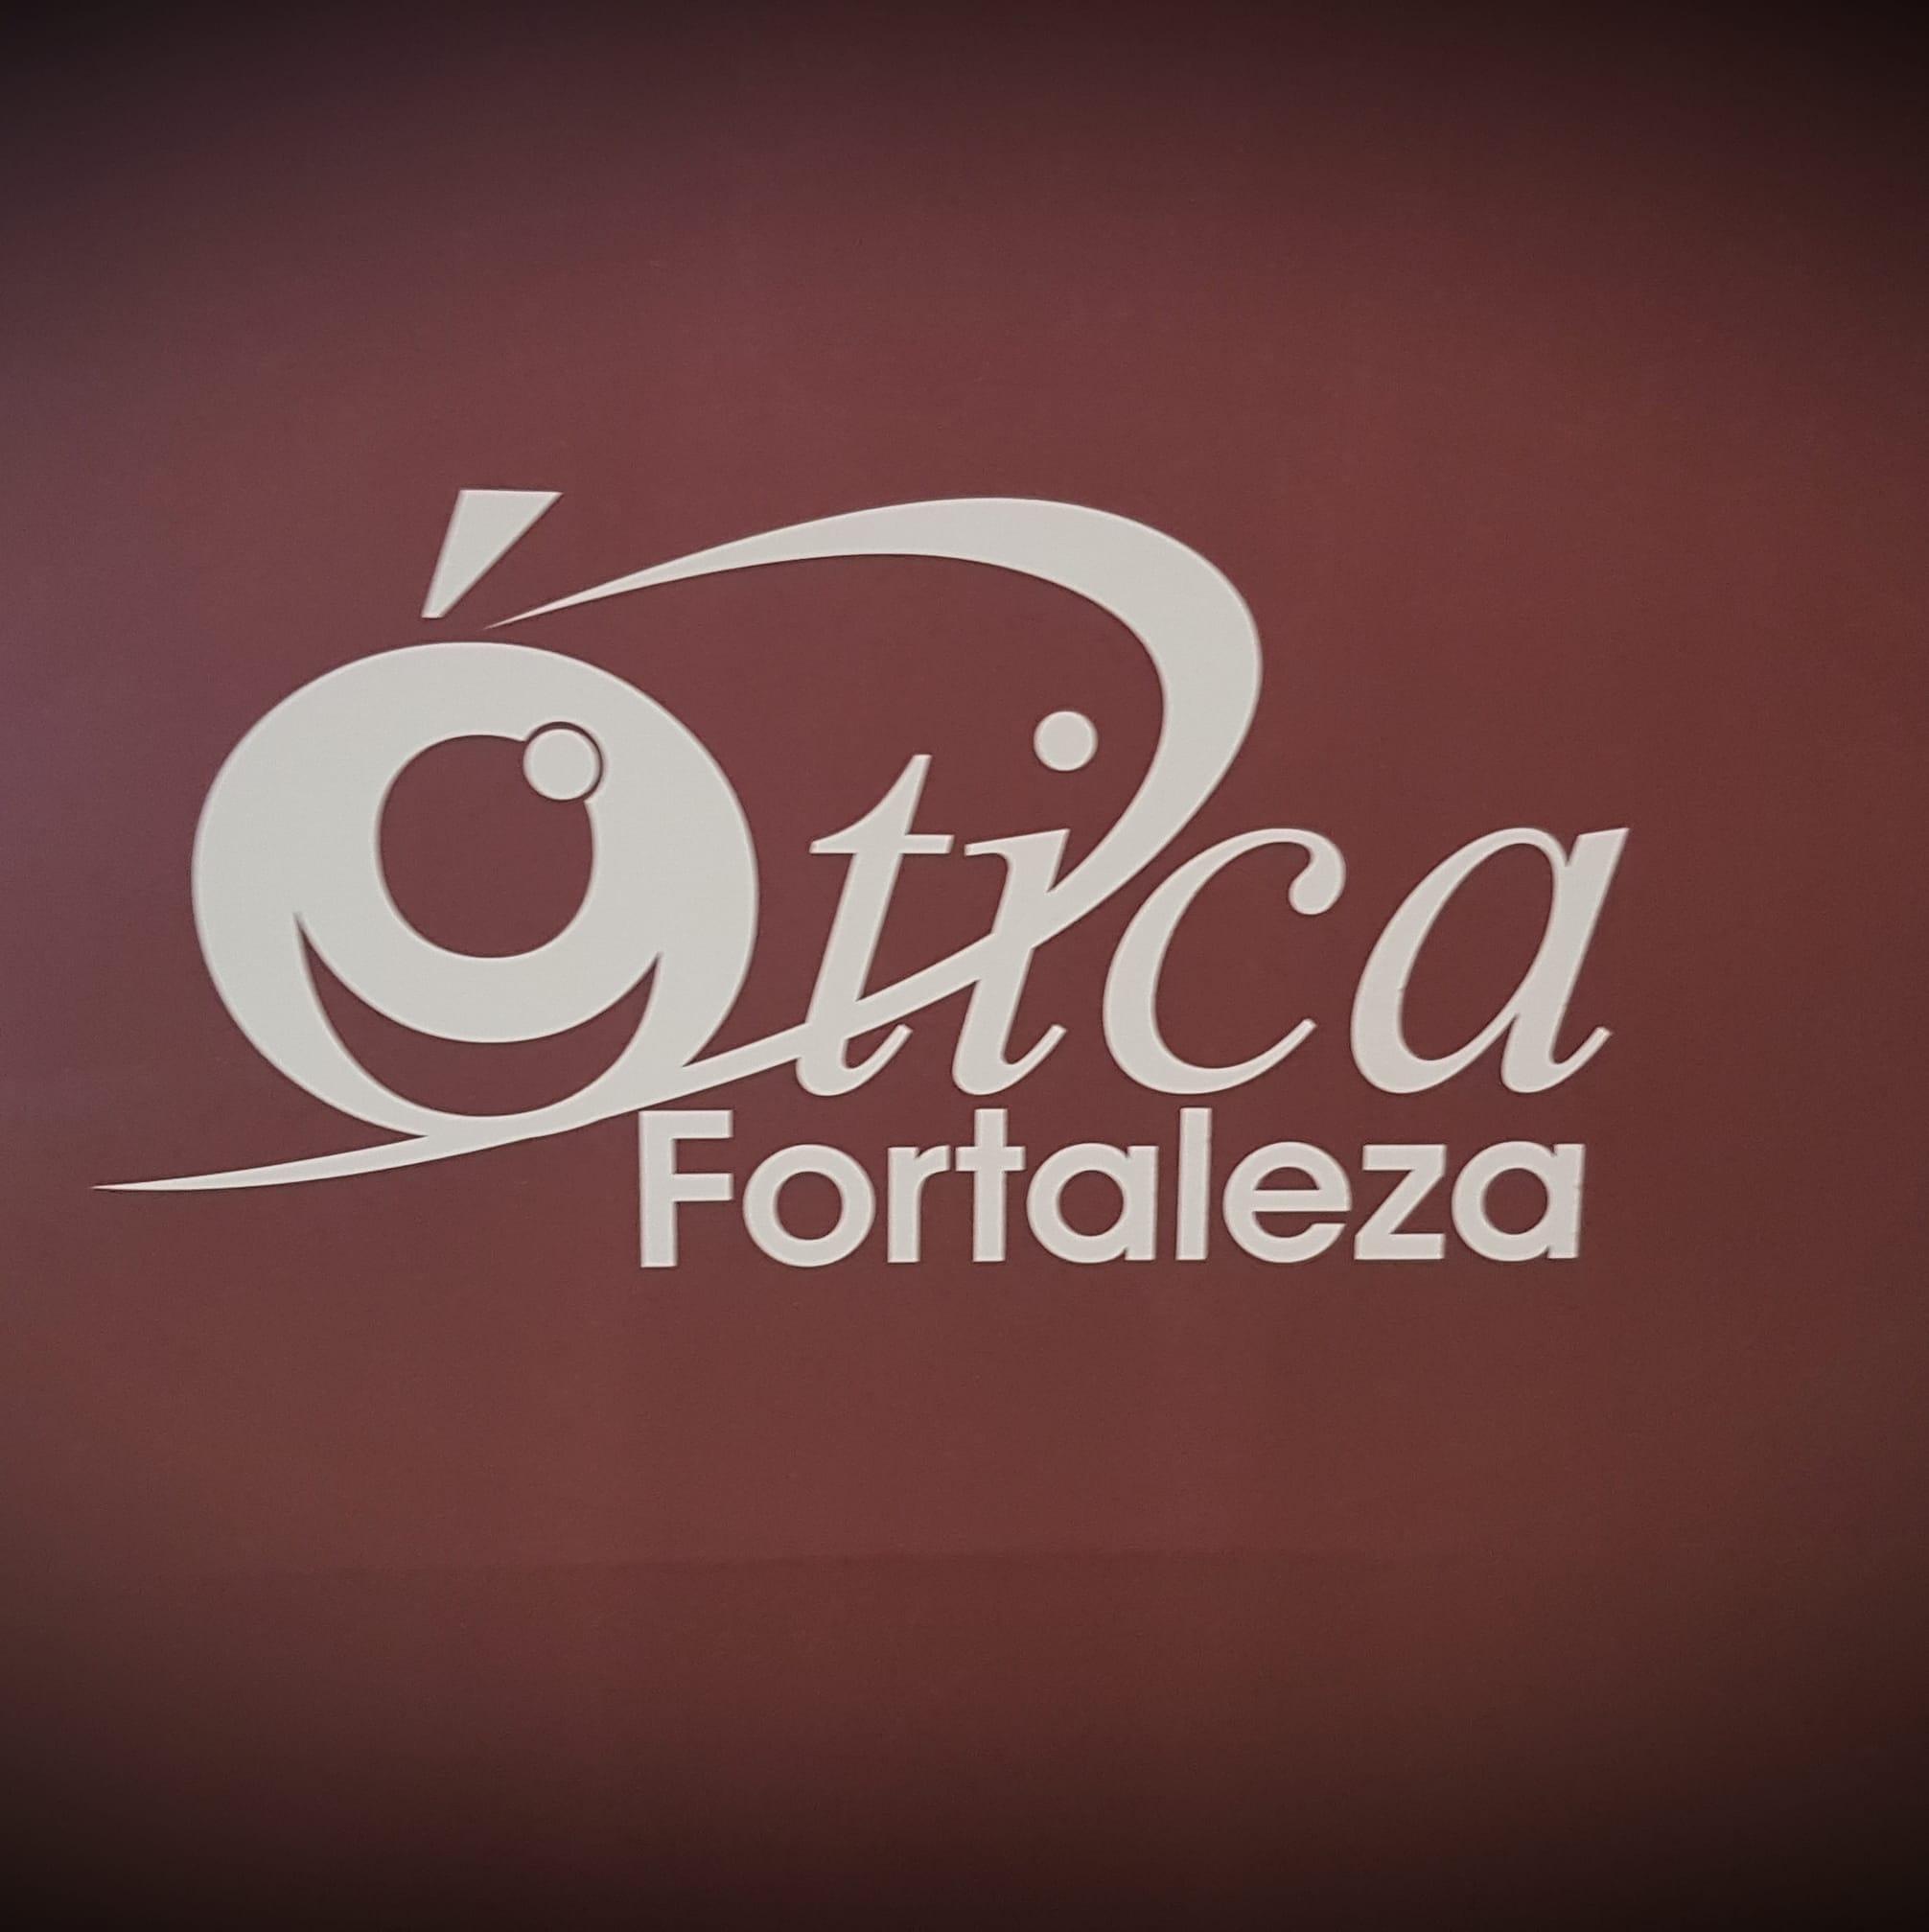 Ótica Fortaleza